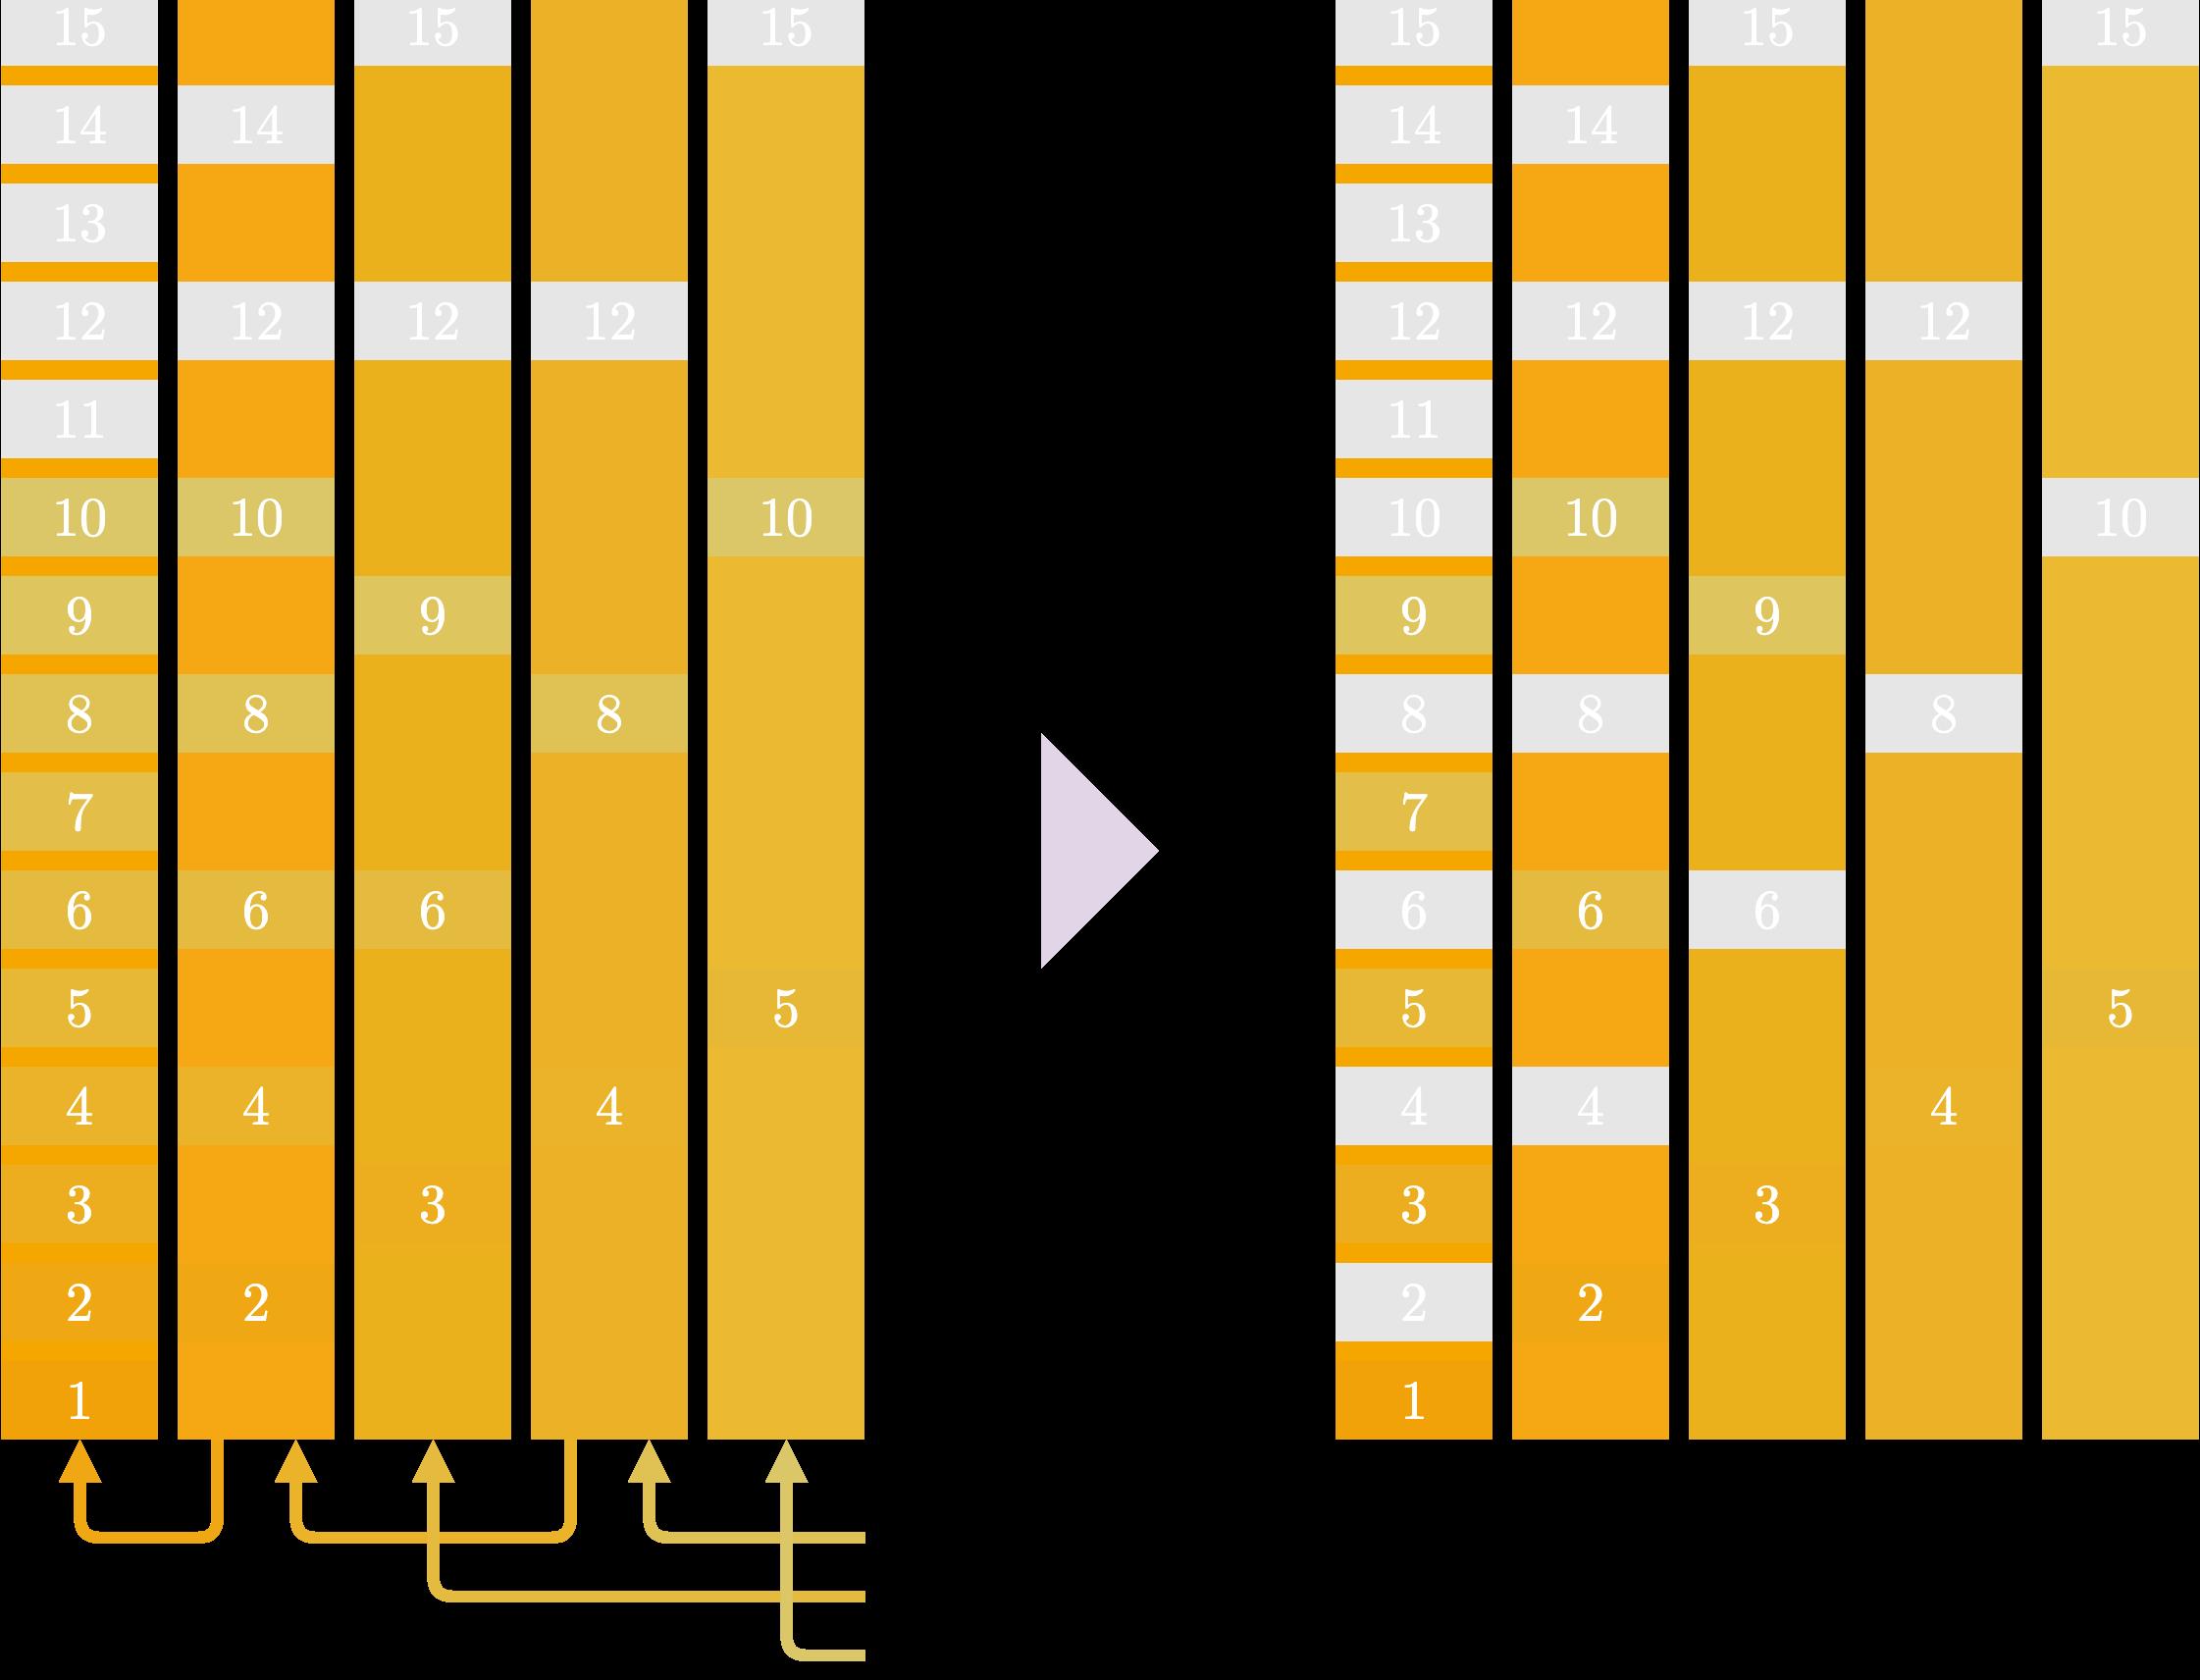 qiita-figure-2-c.png